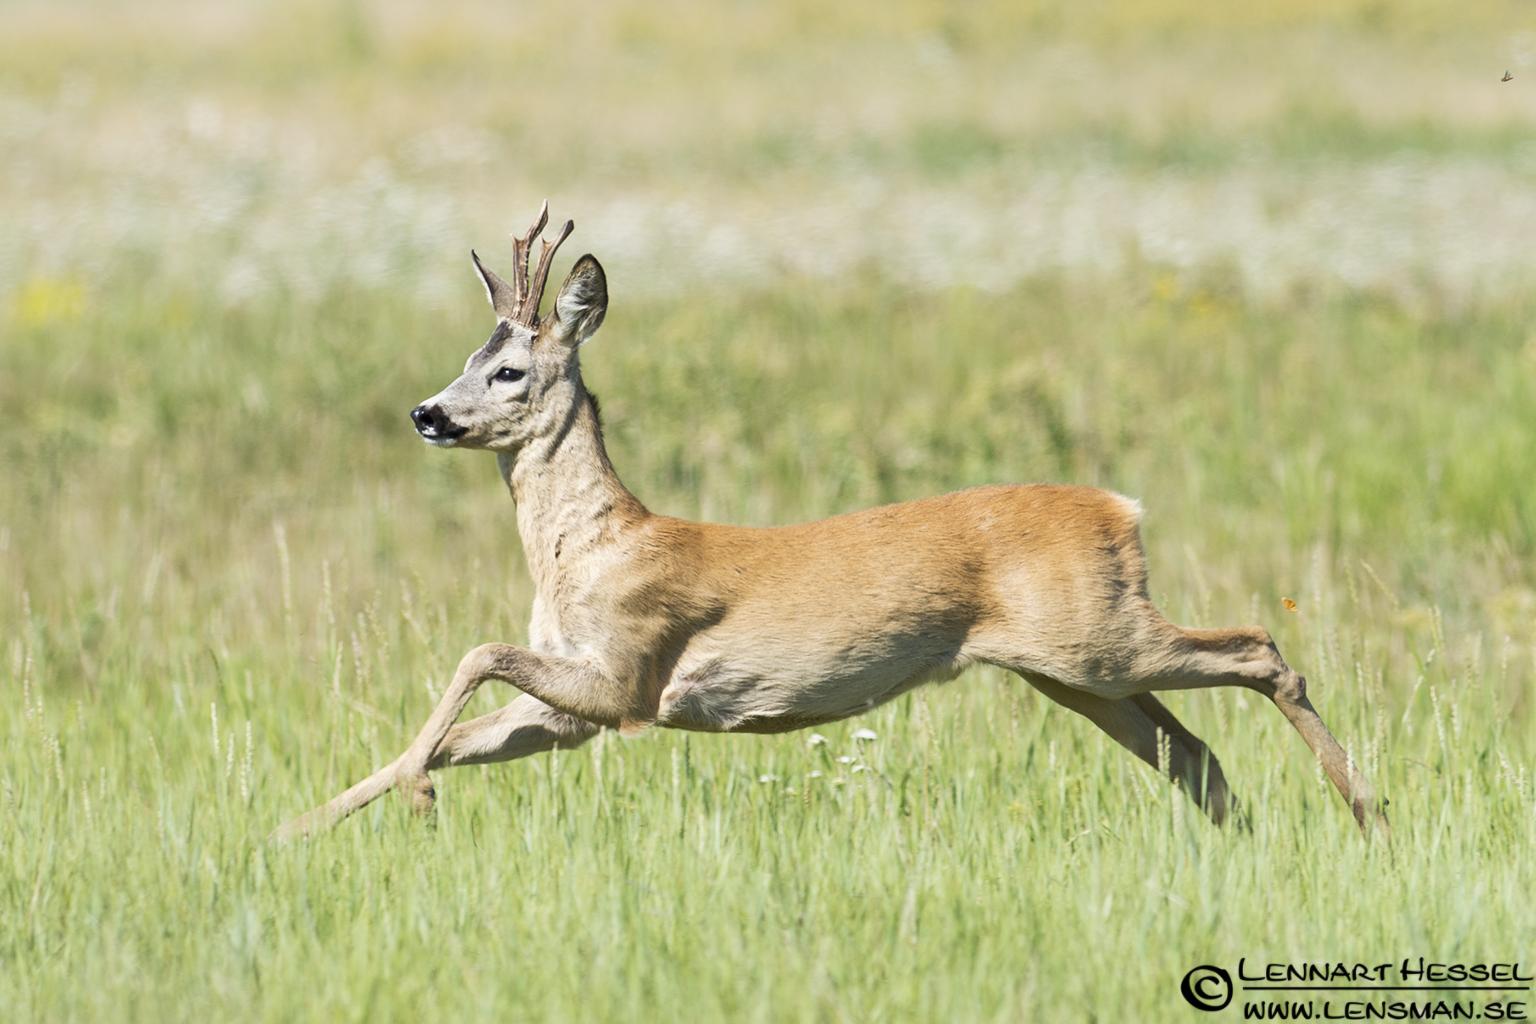 Deer in Hungary